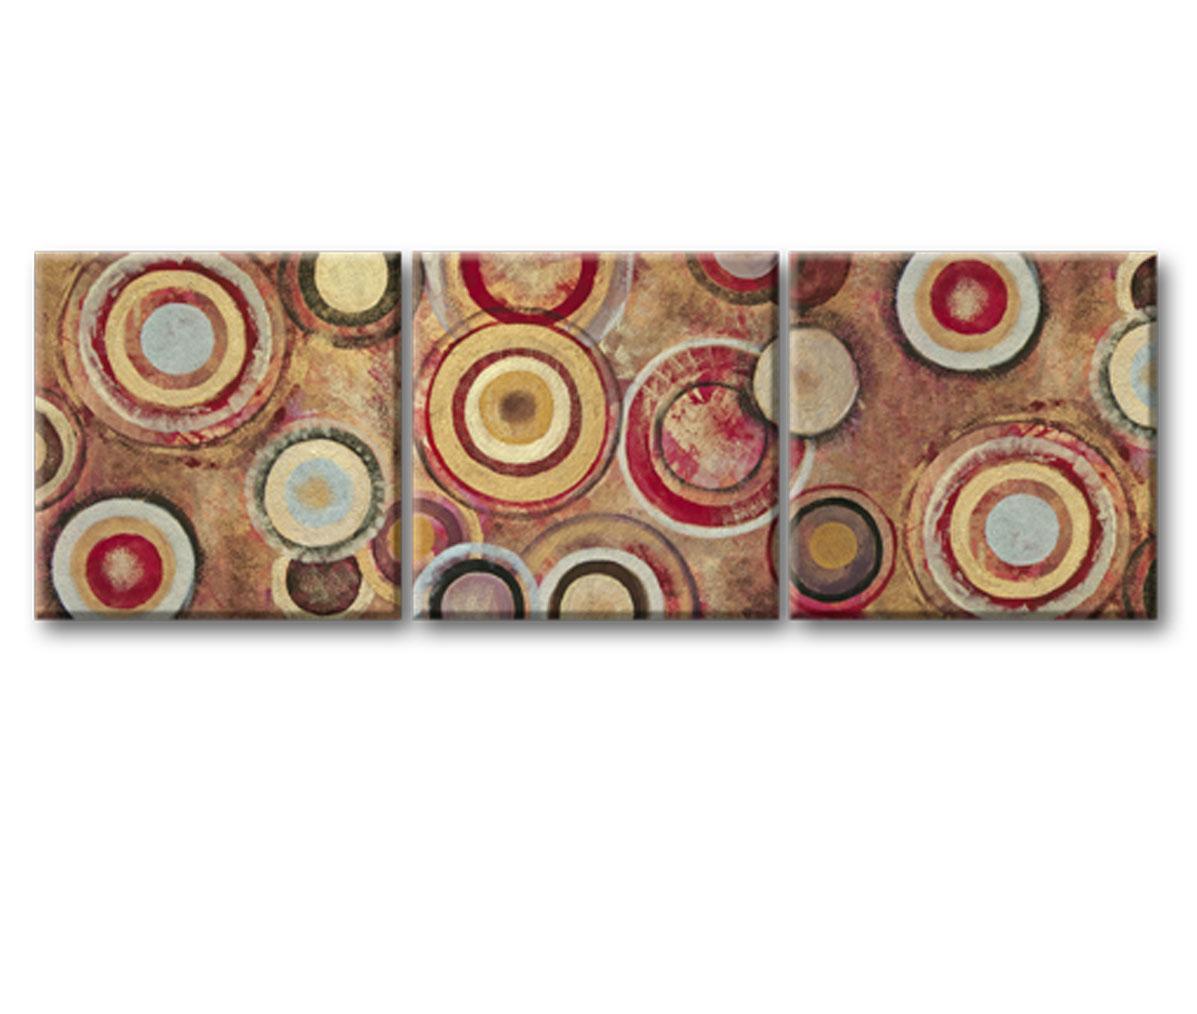 Картина Круги жизниКартины<br>Модульная картина из 3-х частей 45х45см с декоративной фактурной обработкой&amp;lt;div&amp;gt;&amp;lt;br&amp;gt;&amp;lt;/div&amp;gt;&amp;lt;div&amp;gt;Материал: натуральный холст, деревянный подрамник, лак,итальянский фактурный гель&amp;lt;br&amp;gt;&amp;lt;/div&amp;gt;<br><br>Material: Холст<br>Width см: 140<br>Depth см: 3<br>Height см: 45